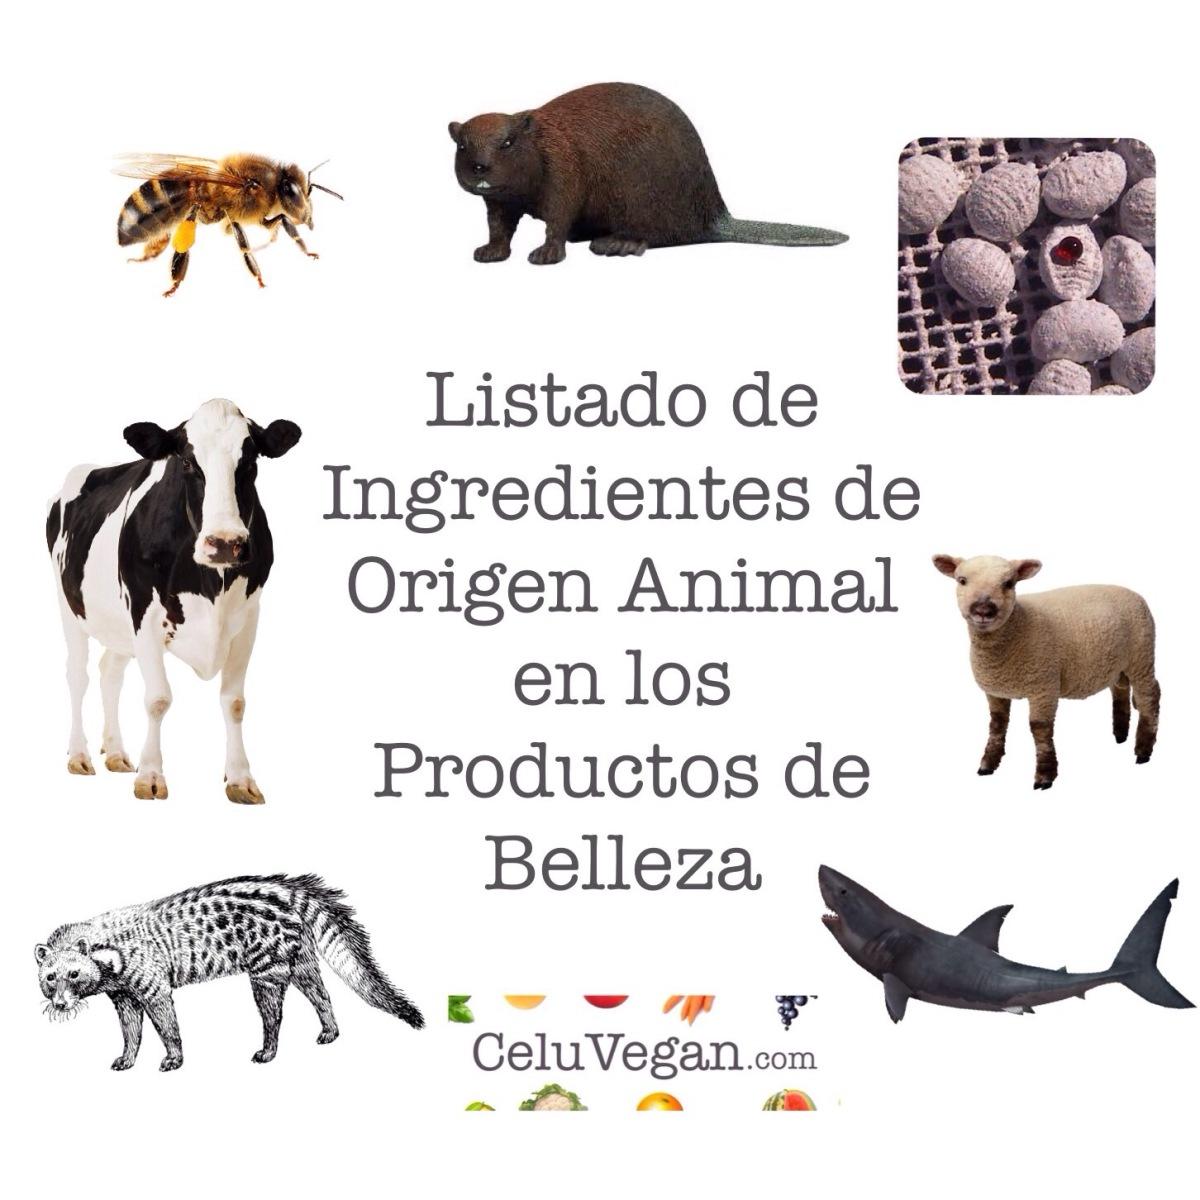 Listado de Ingredientes de Origen Animal en los Productos de Belleza